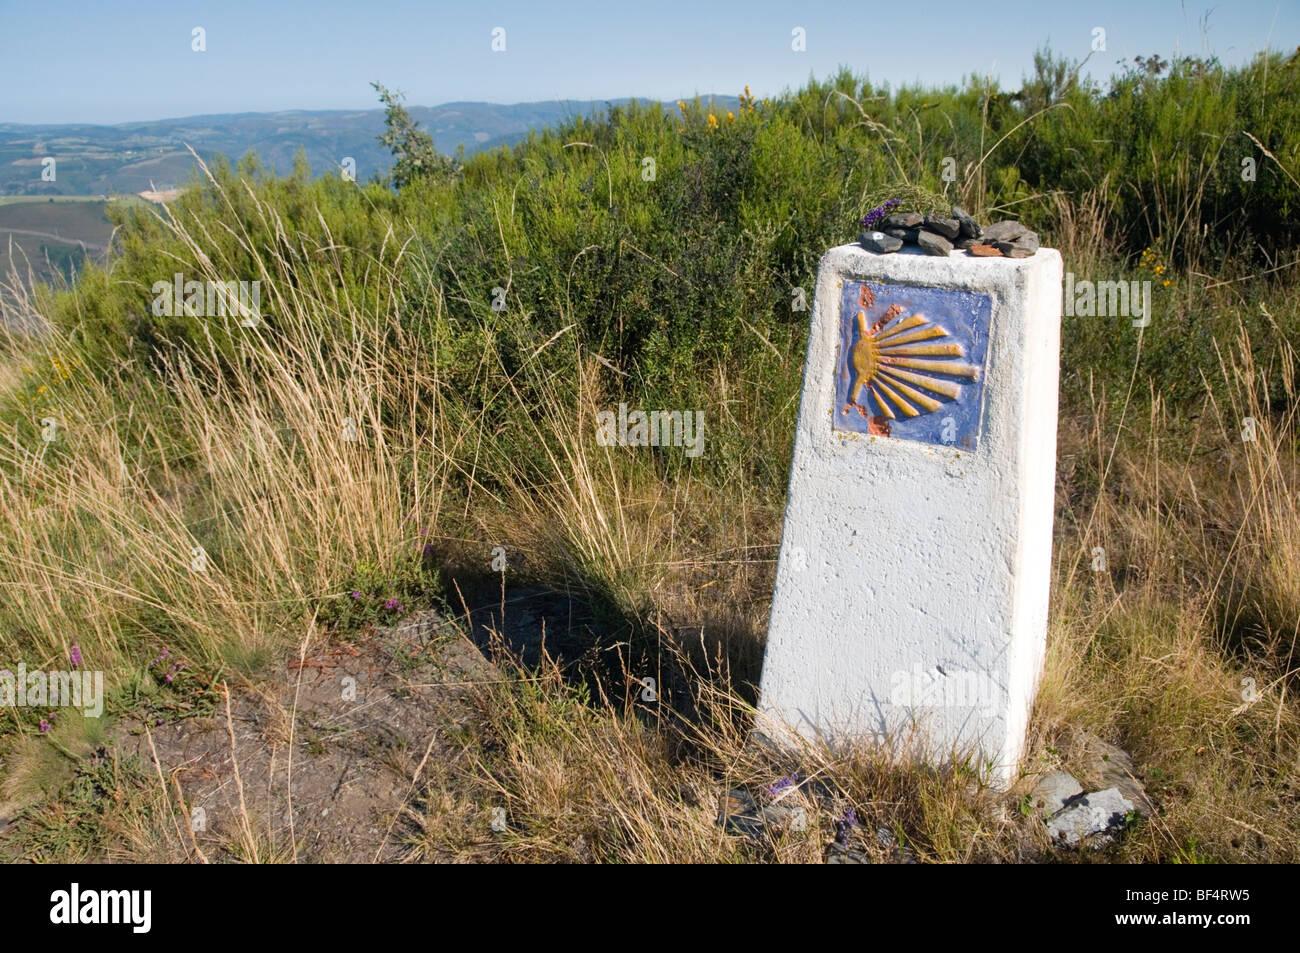 Way marker on the Camino Primitivo pilgrimage route to Santiago de Compostela near Los Hospitales.  Asturias, Spain. - Stock Image